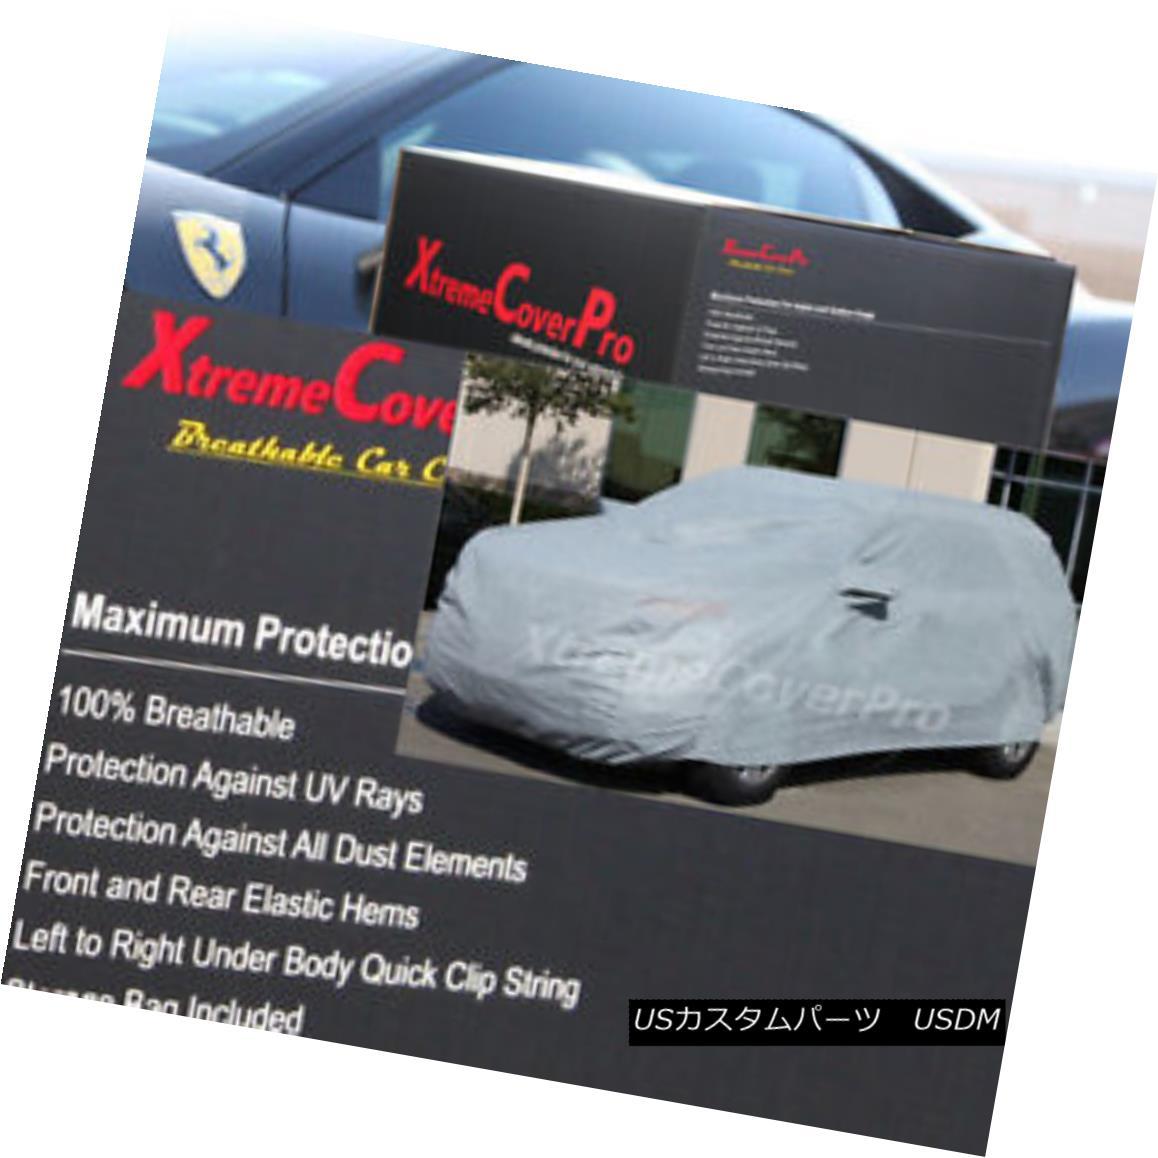 カーカバー 2014 TOYOTA Land Cruiser Breathable Car Cover w/ Mirror Pocket 2014年トヨタランドクルーザー通気性車カバー付き(ミラーポケット付)